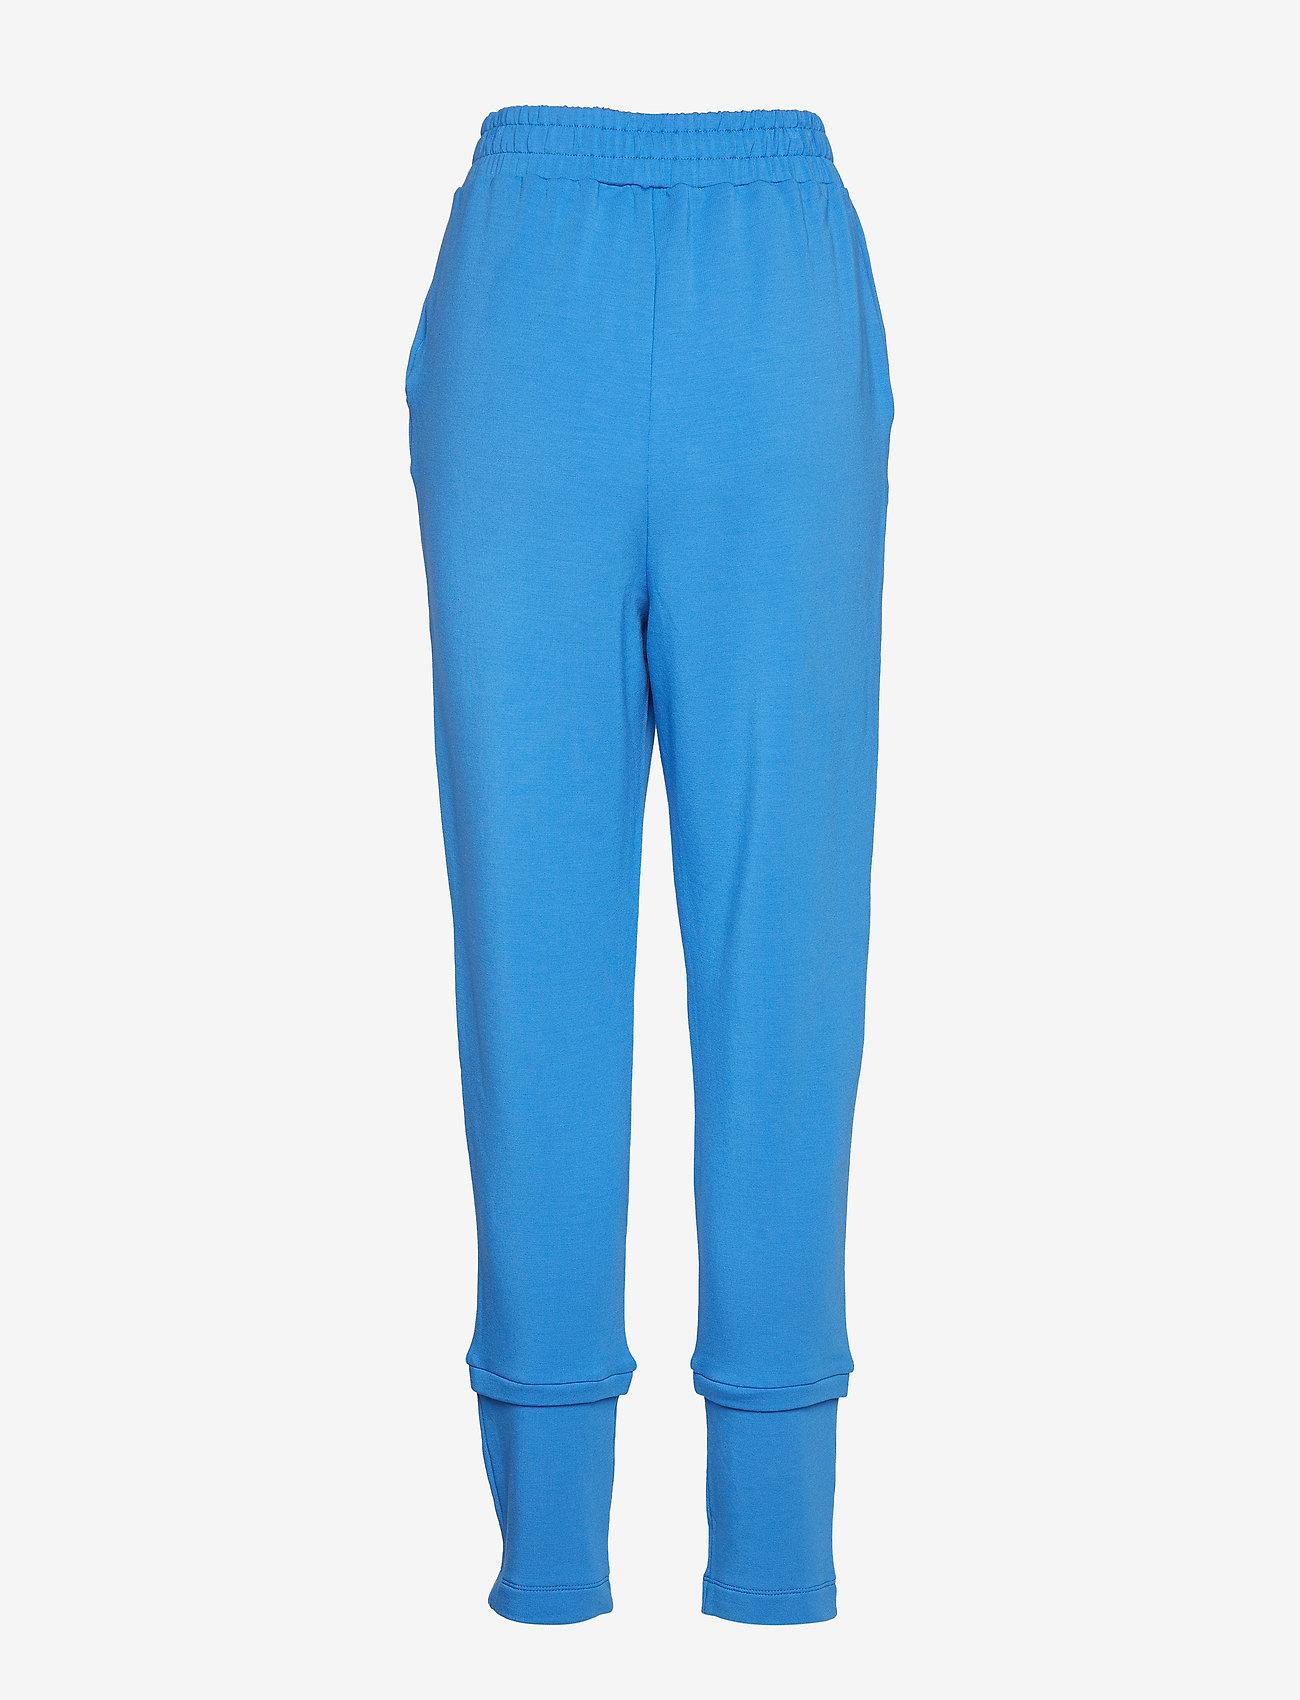 Hmlcia Pants (French Blue) (650 kr) - Hummel Hive